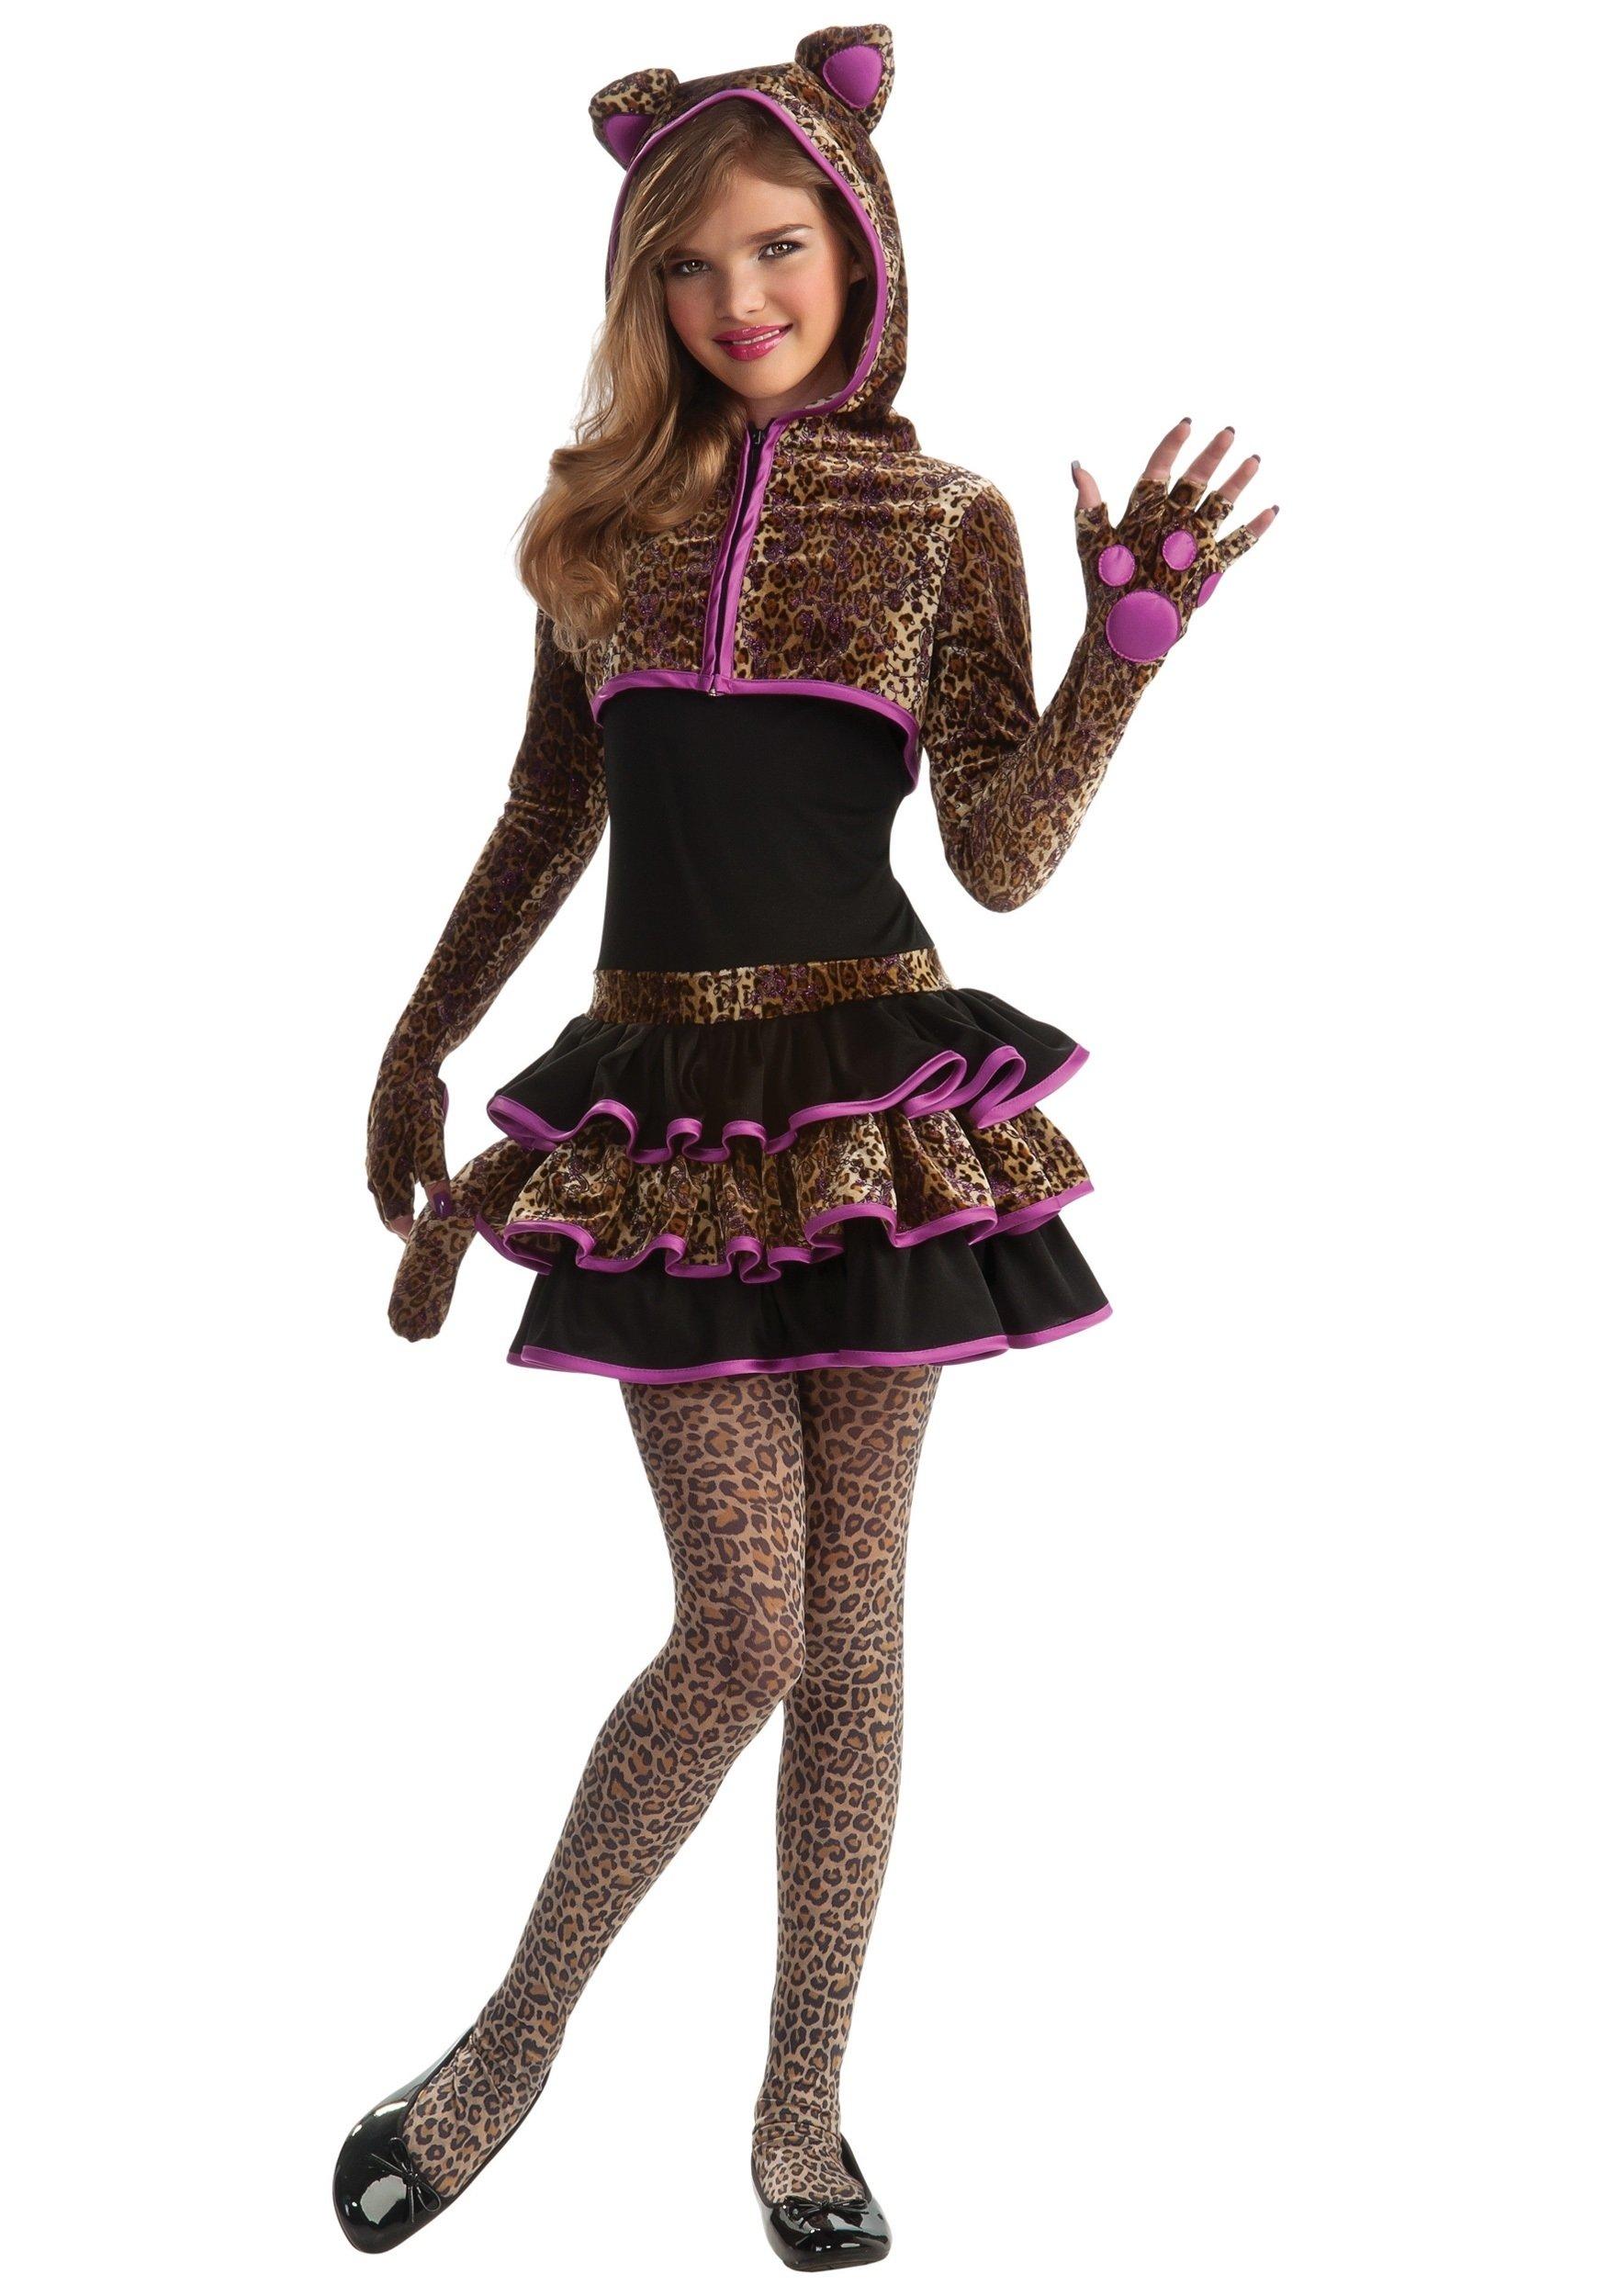 10 Unique Tween Girl Halloween Costume Ideas leopard tween girls costume kids animal costume ideas 2 2020